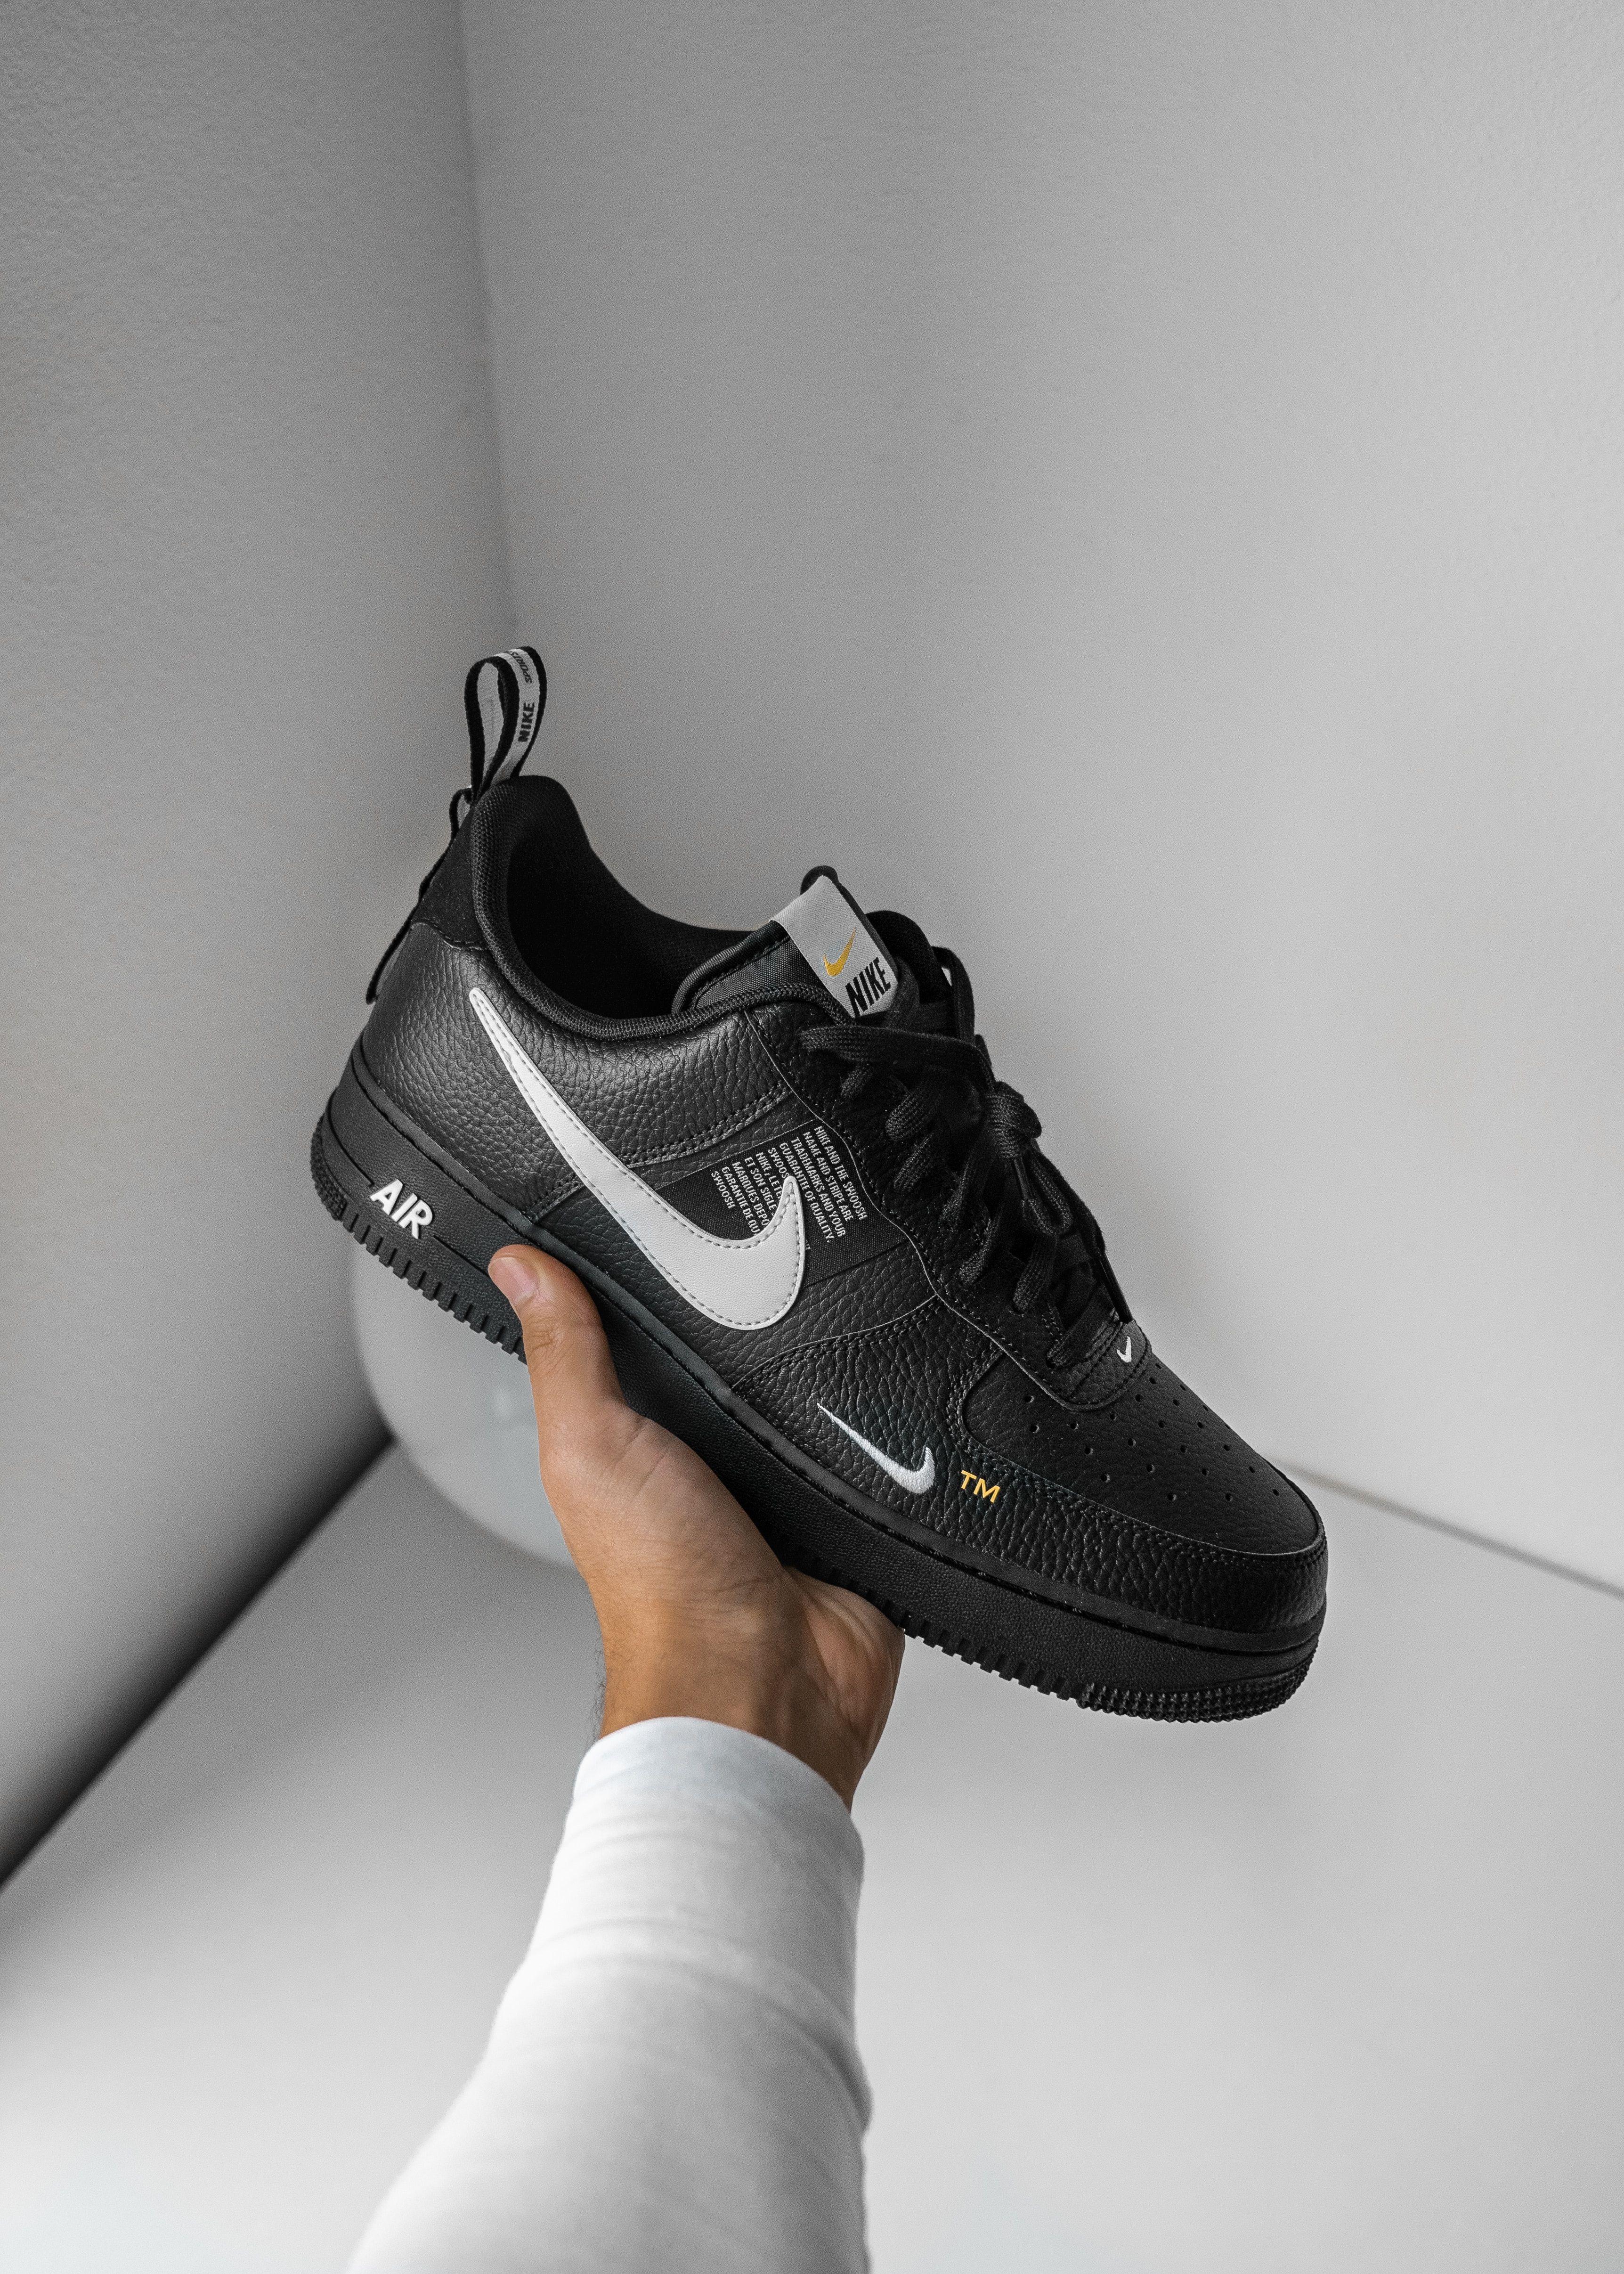 joerichter97 sneaker, sneakers mode, sneaker herren